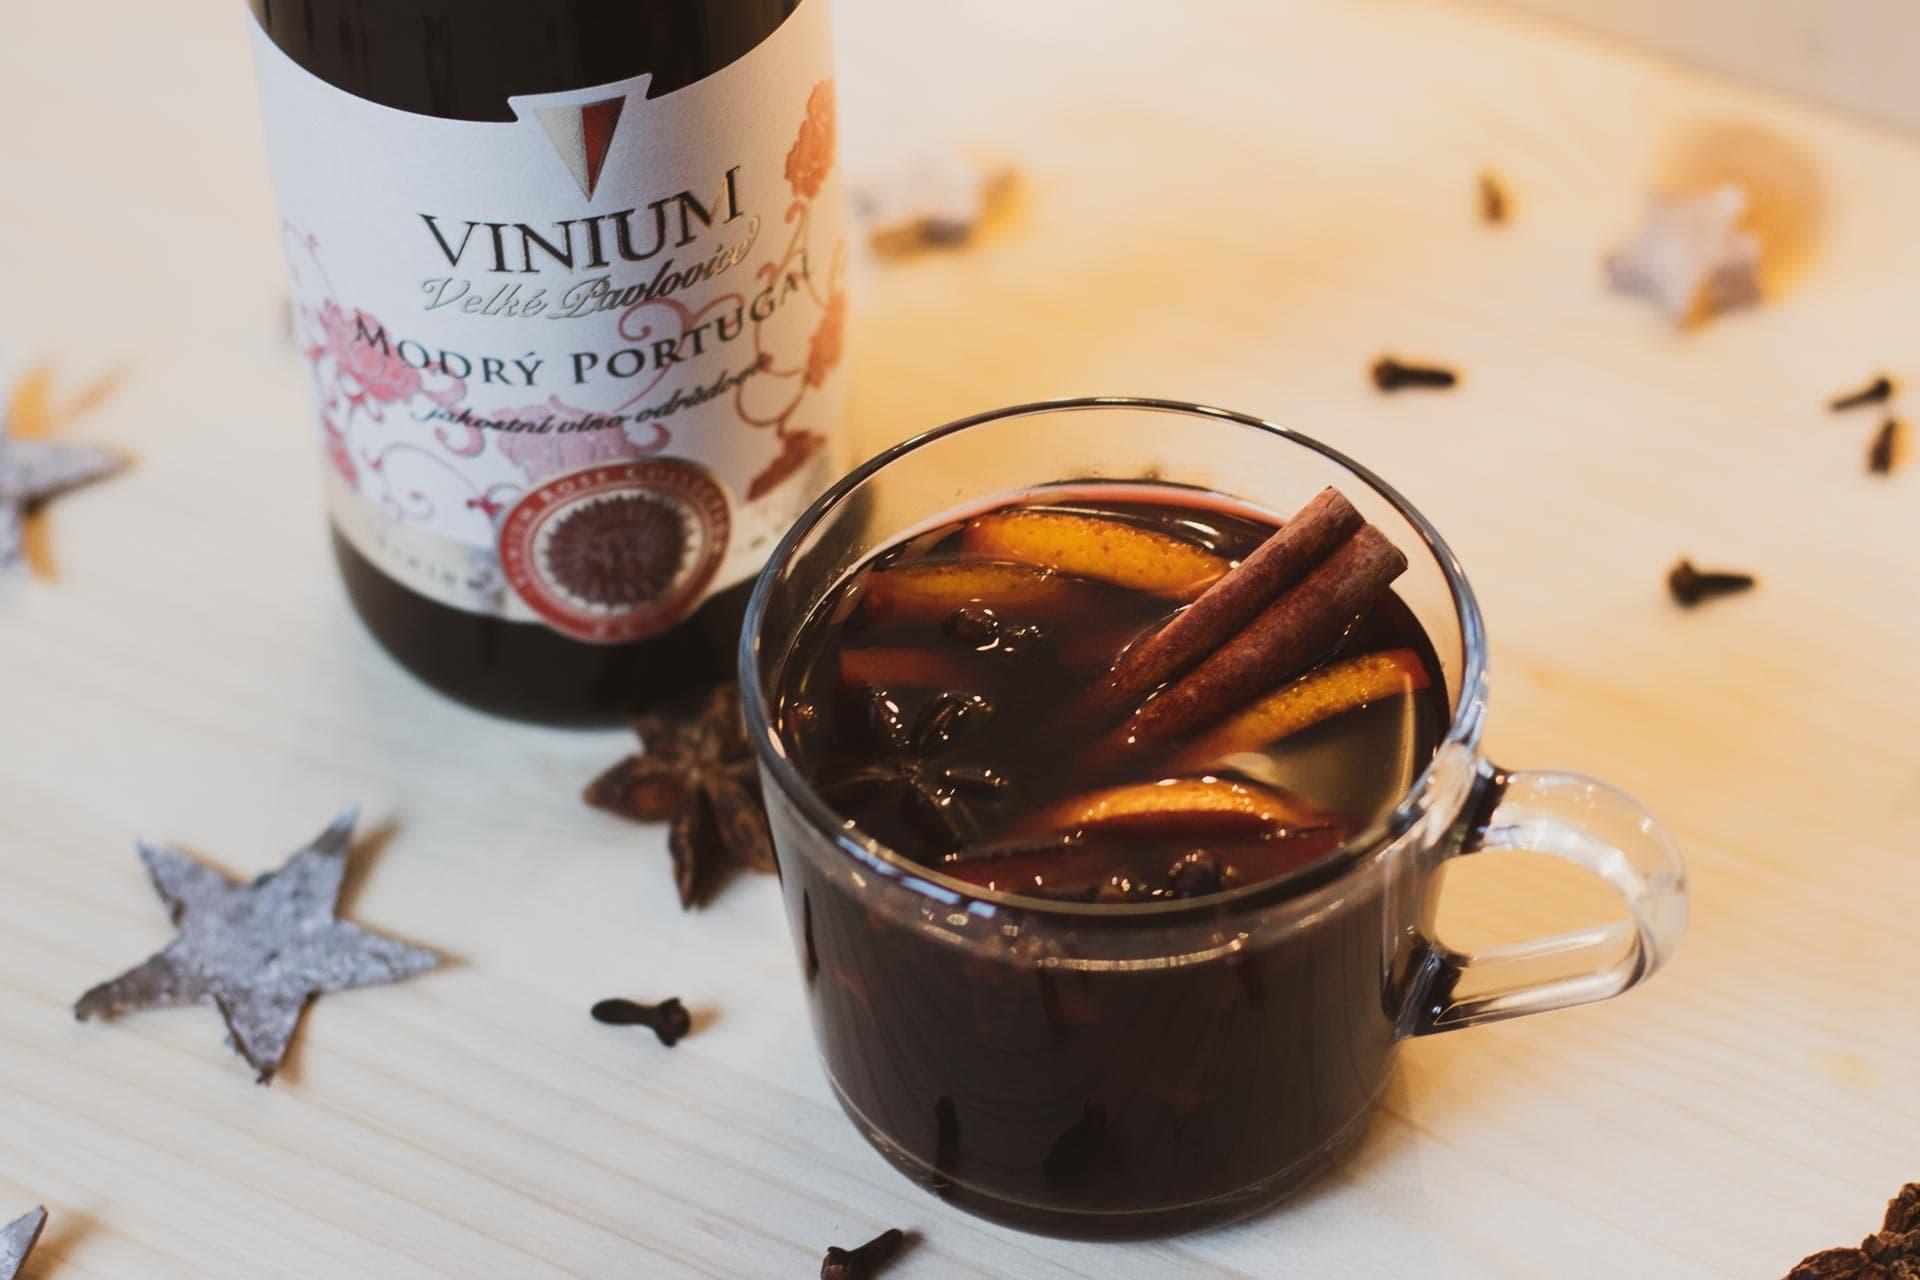 Svařák z červeného vína na stole